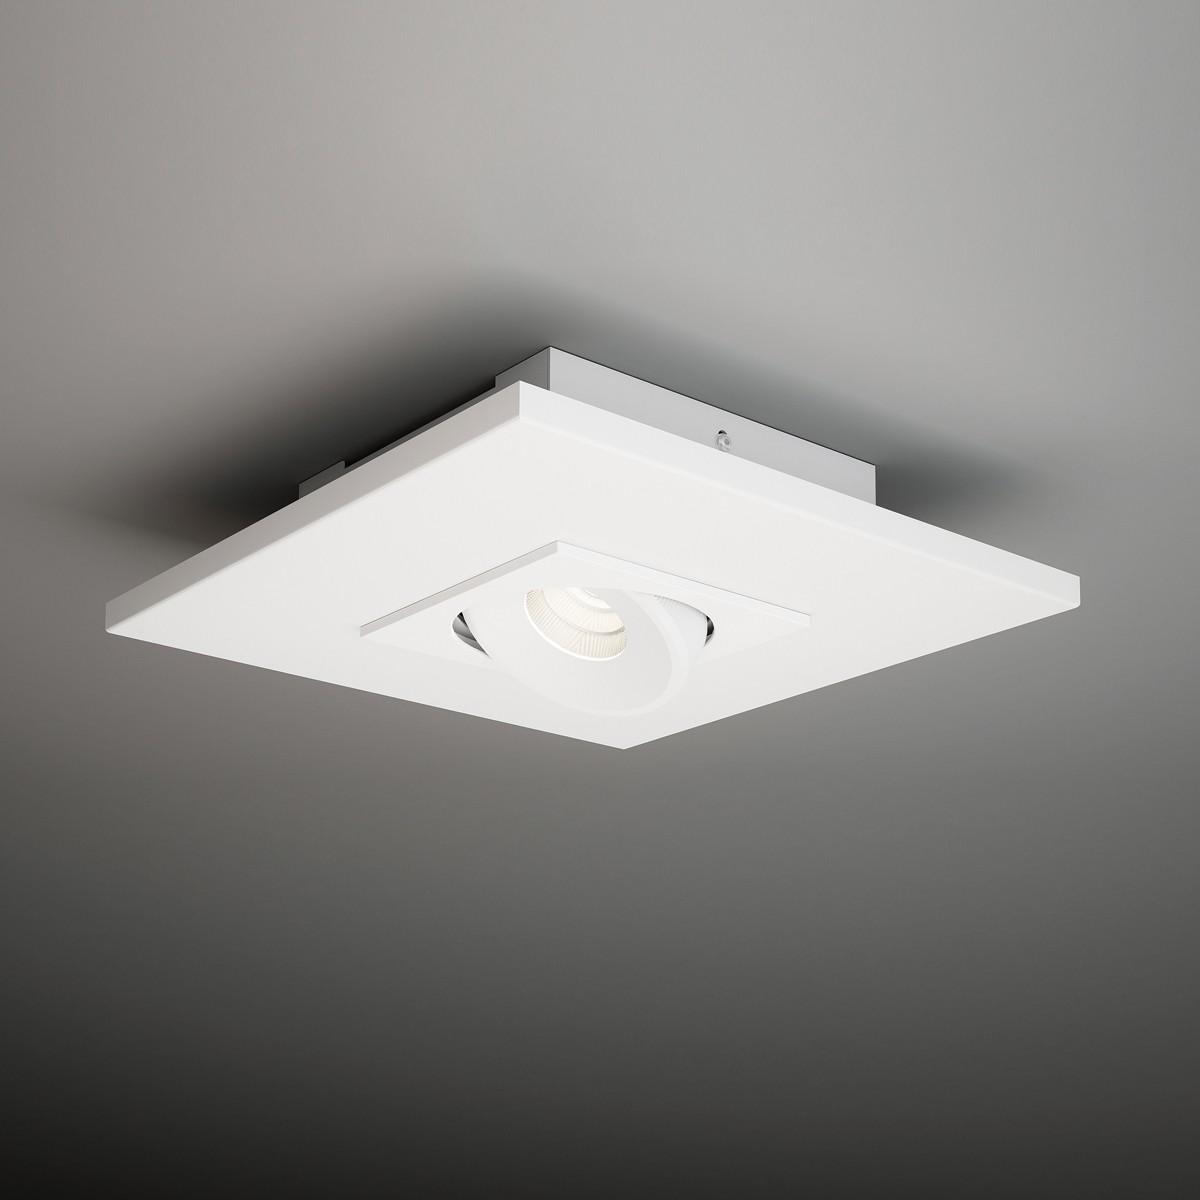 Milan Marc Deckenstrahler, 26 x 26 cm, weiß